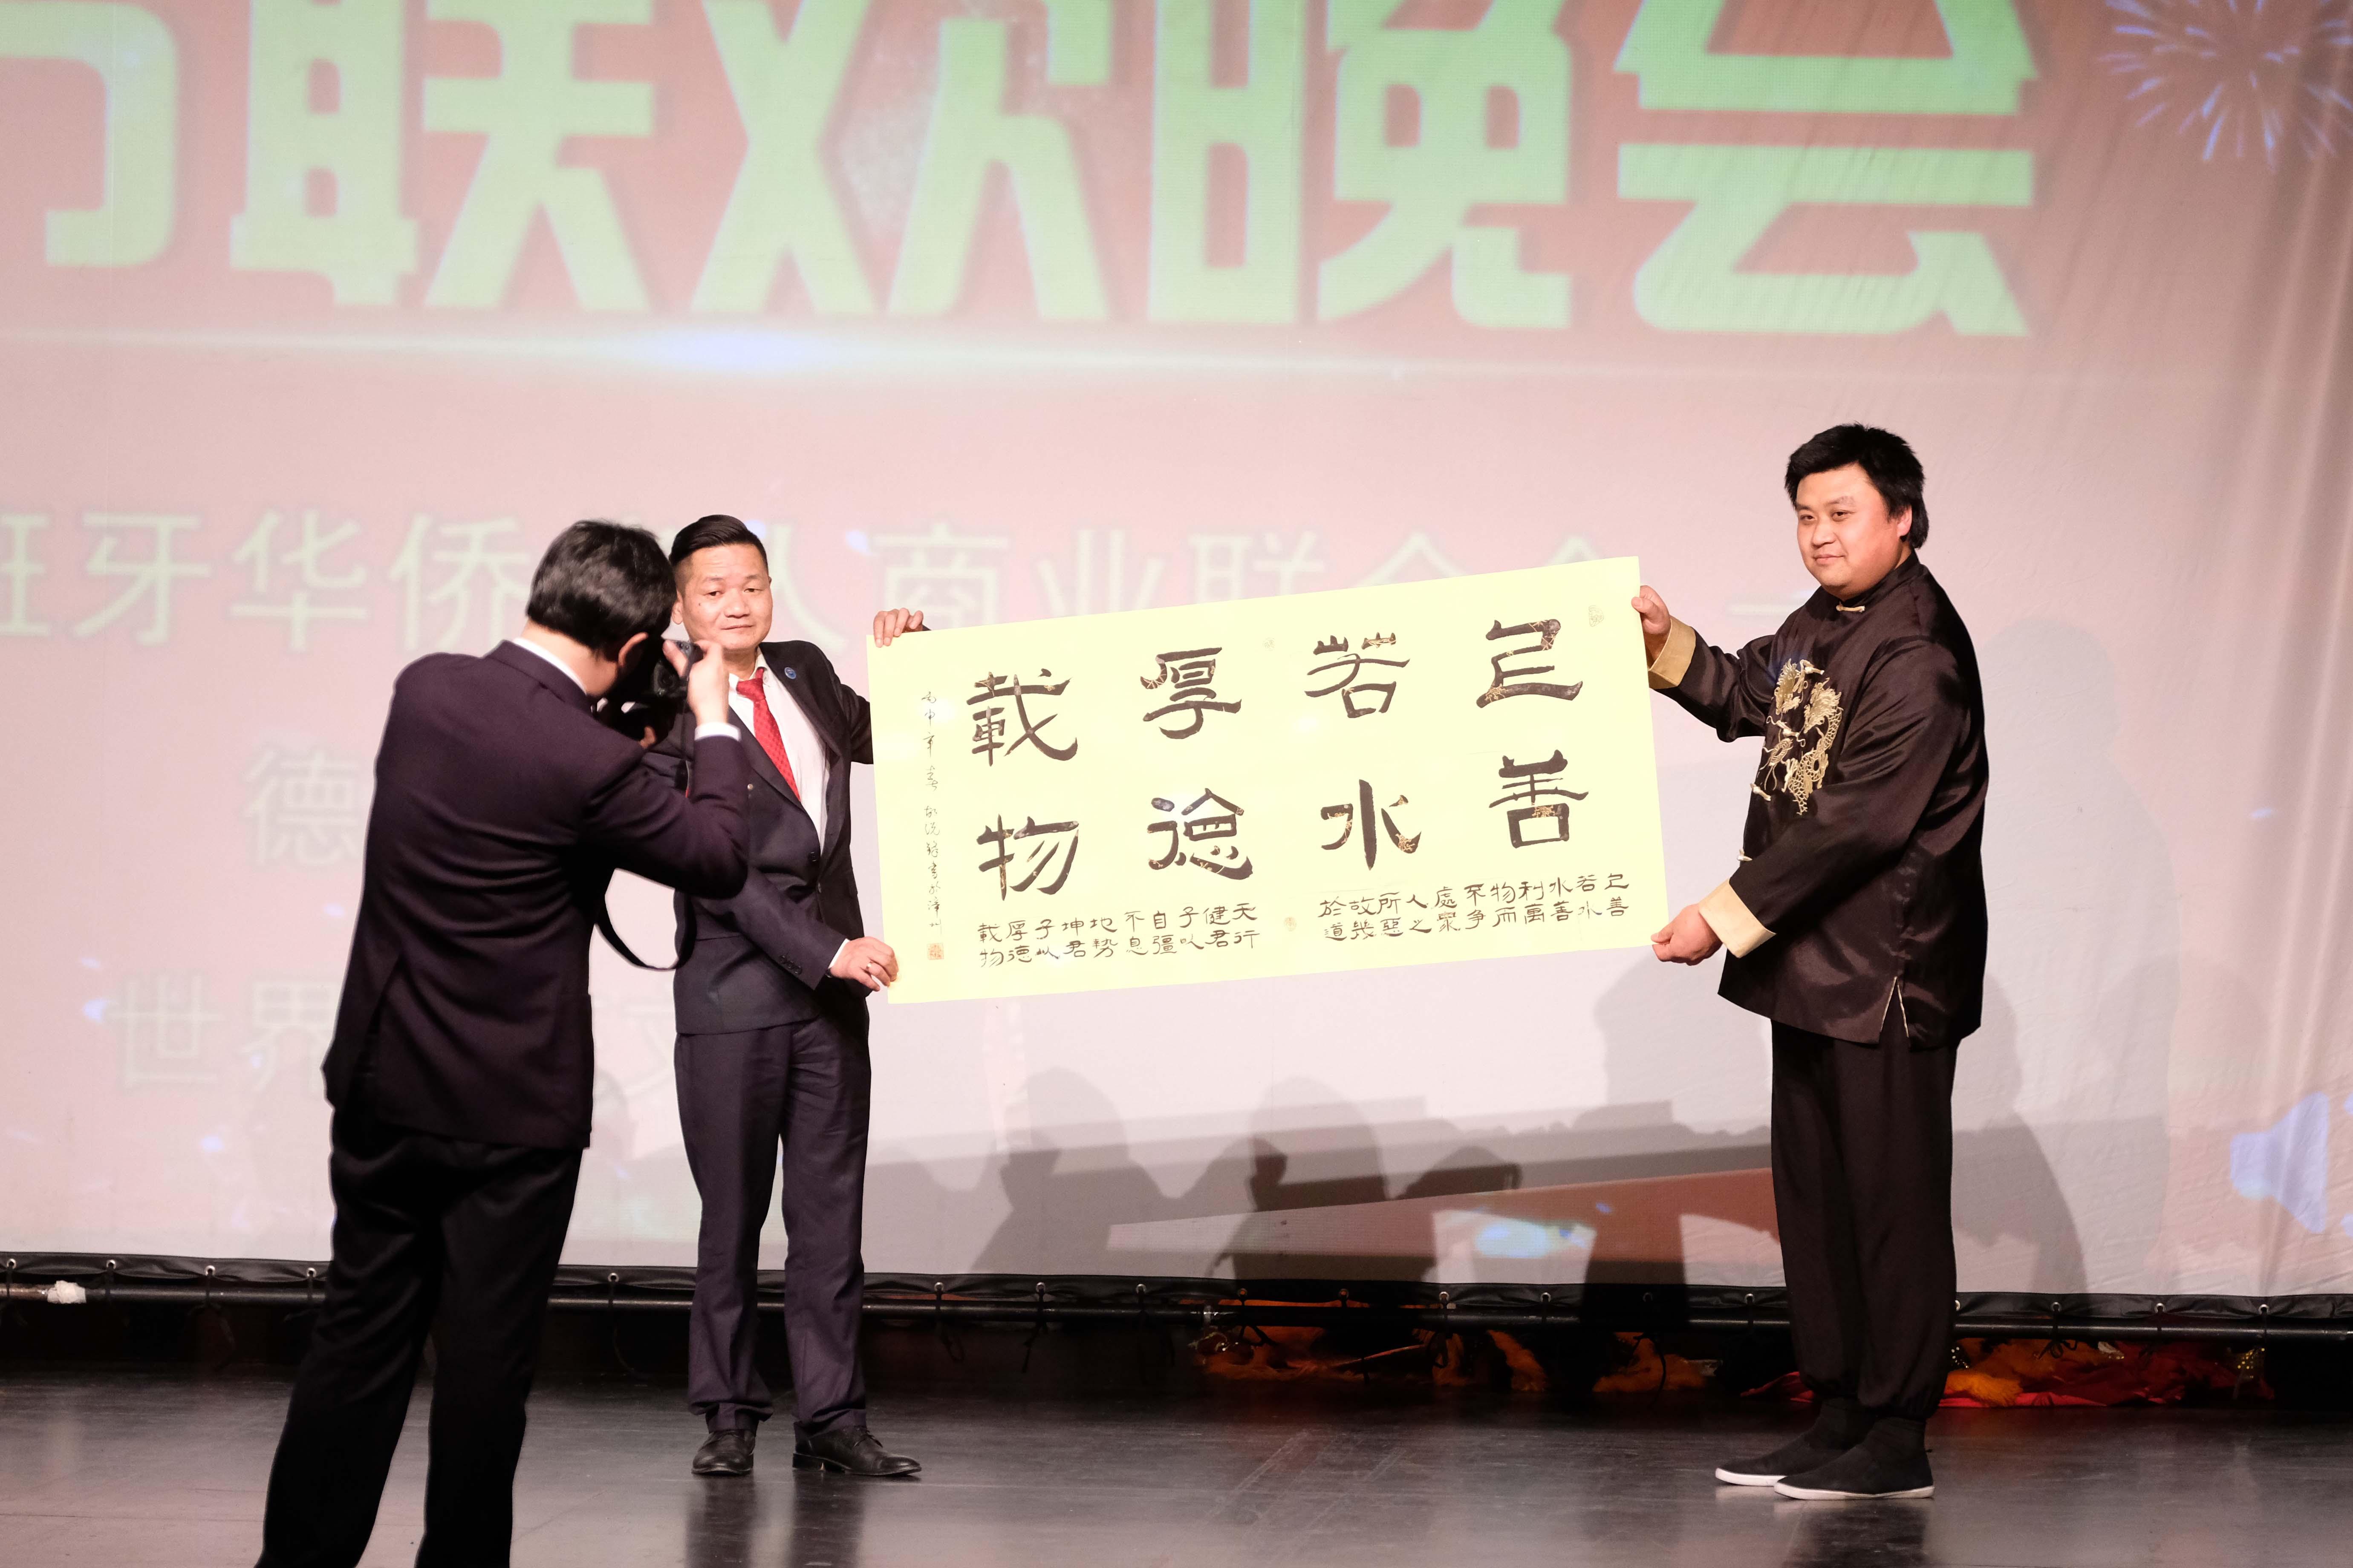 世界传统文化研究院西班牙分院潘益新院长向德国曲艺家协会刘辉会长赠送礼品